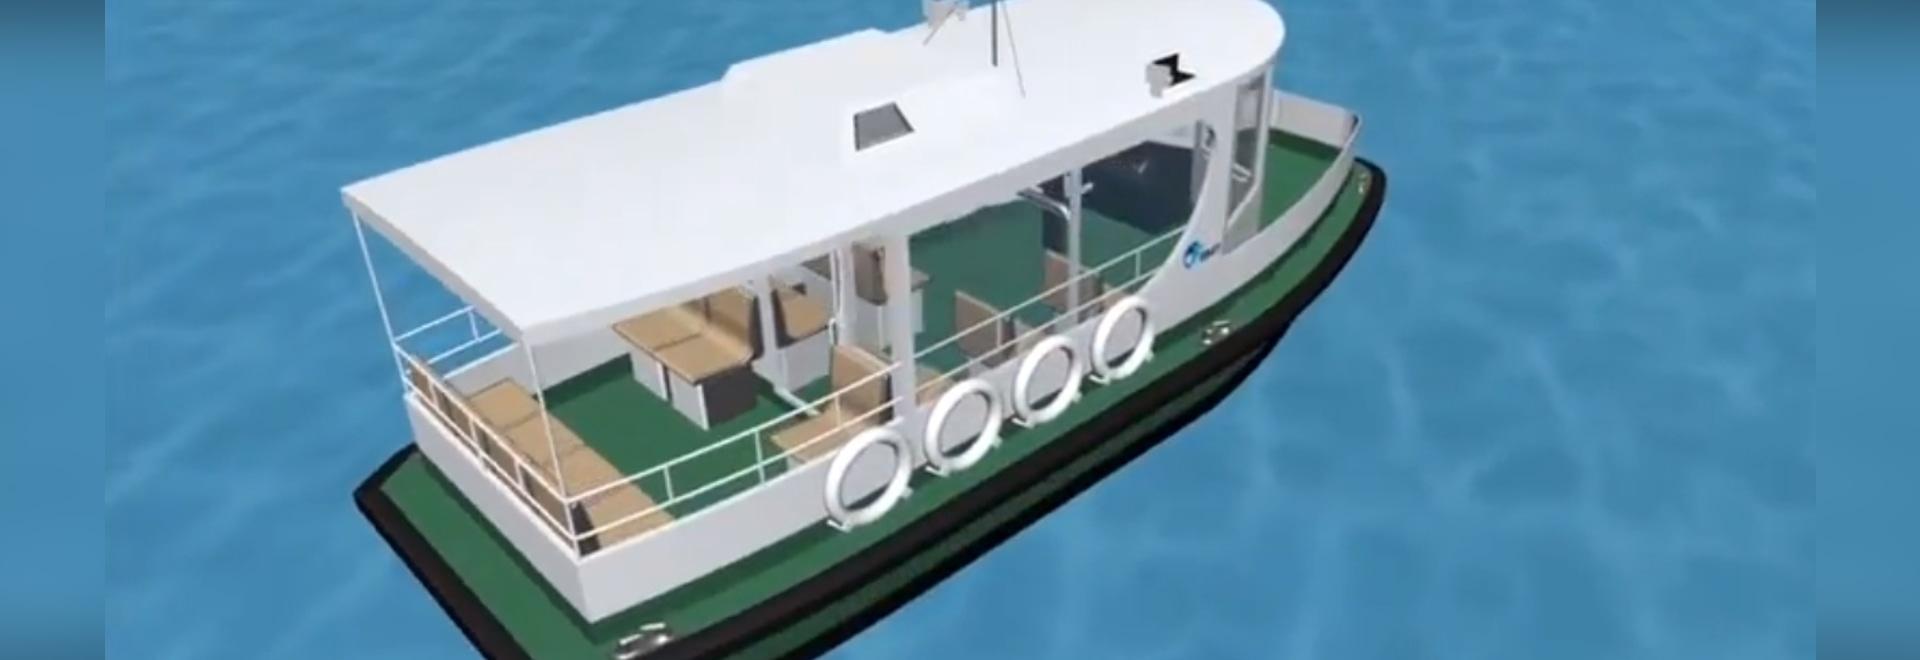 VIDEO: BMT elabora le nuove progettazioni del taxi dell'acqua per Hong Kong